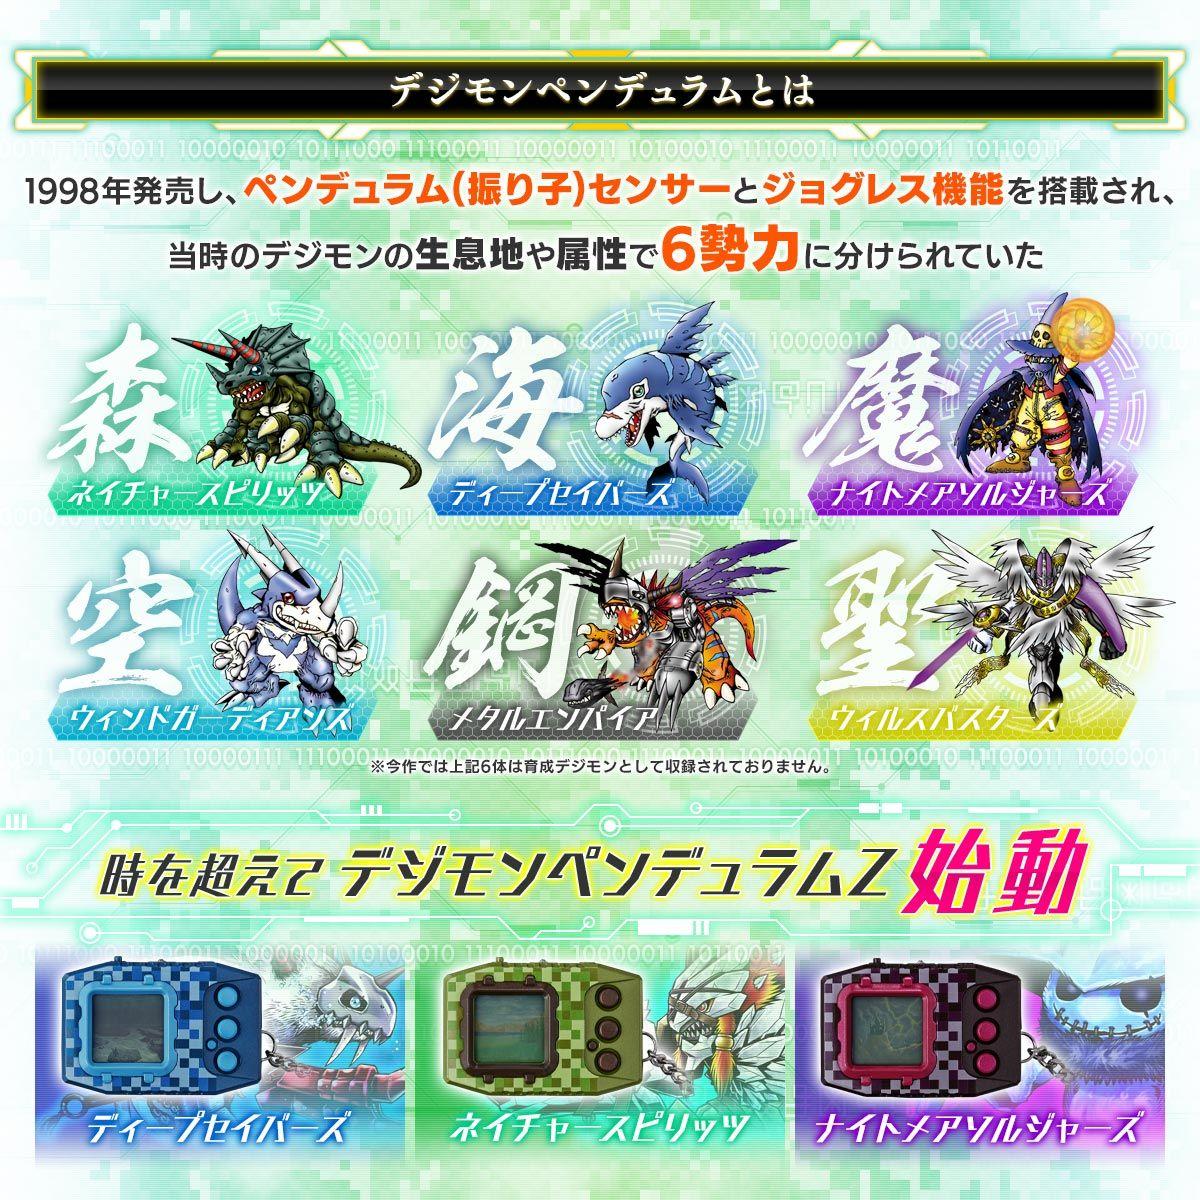 【限定販売】デジタルモンスター『デジモンペンデュラムZ』携帯型液晶育成ゲーム-002